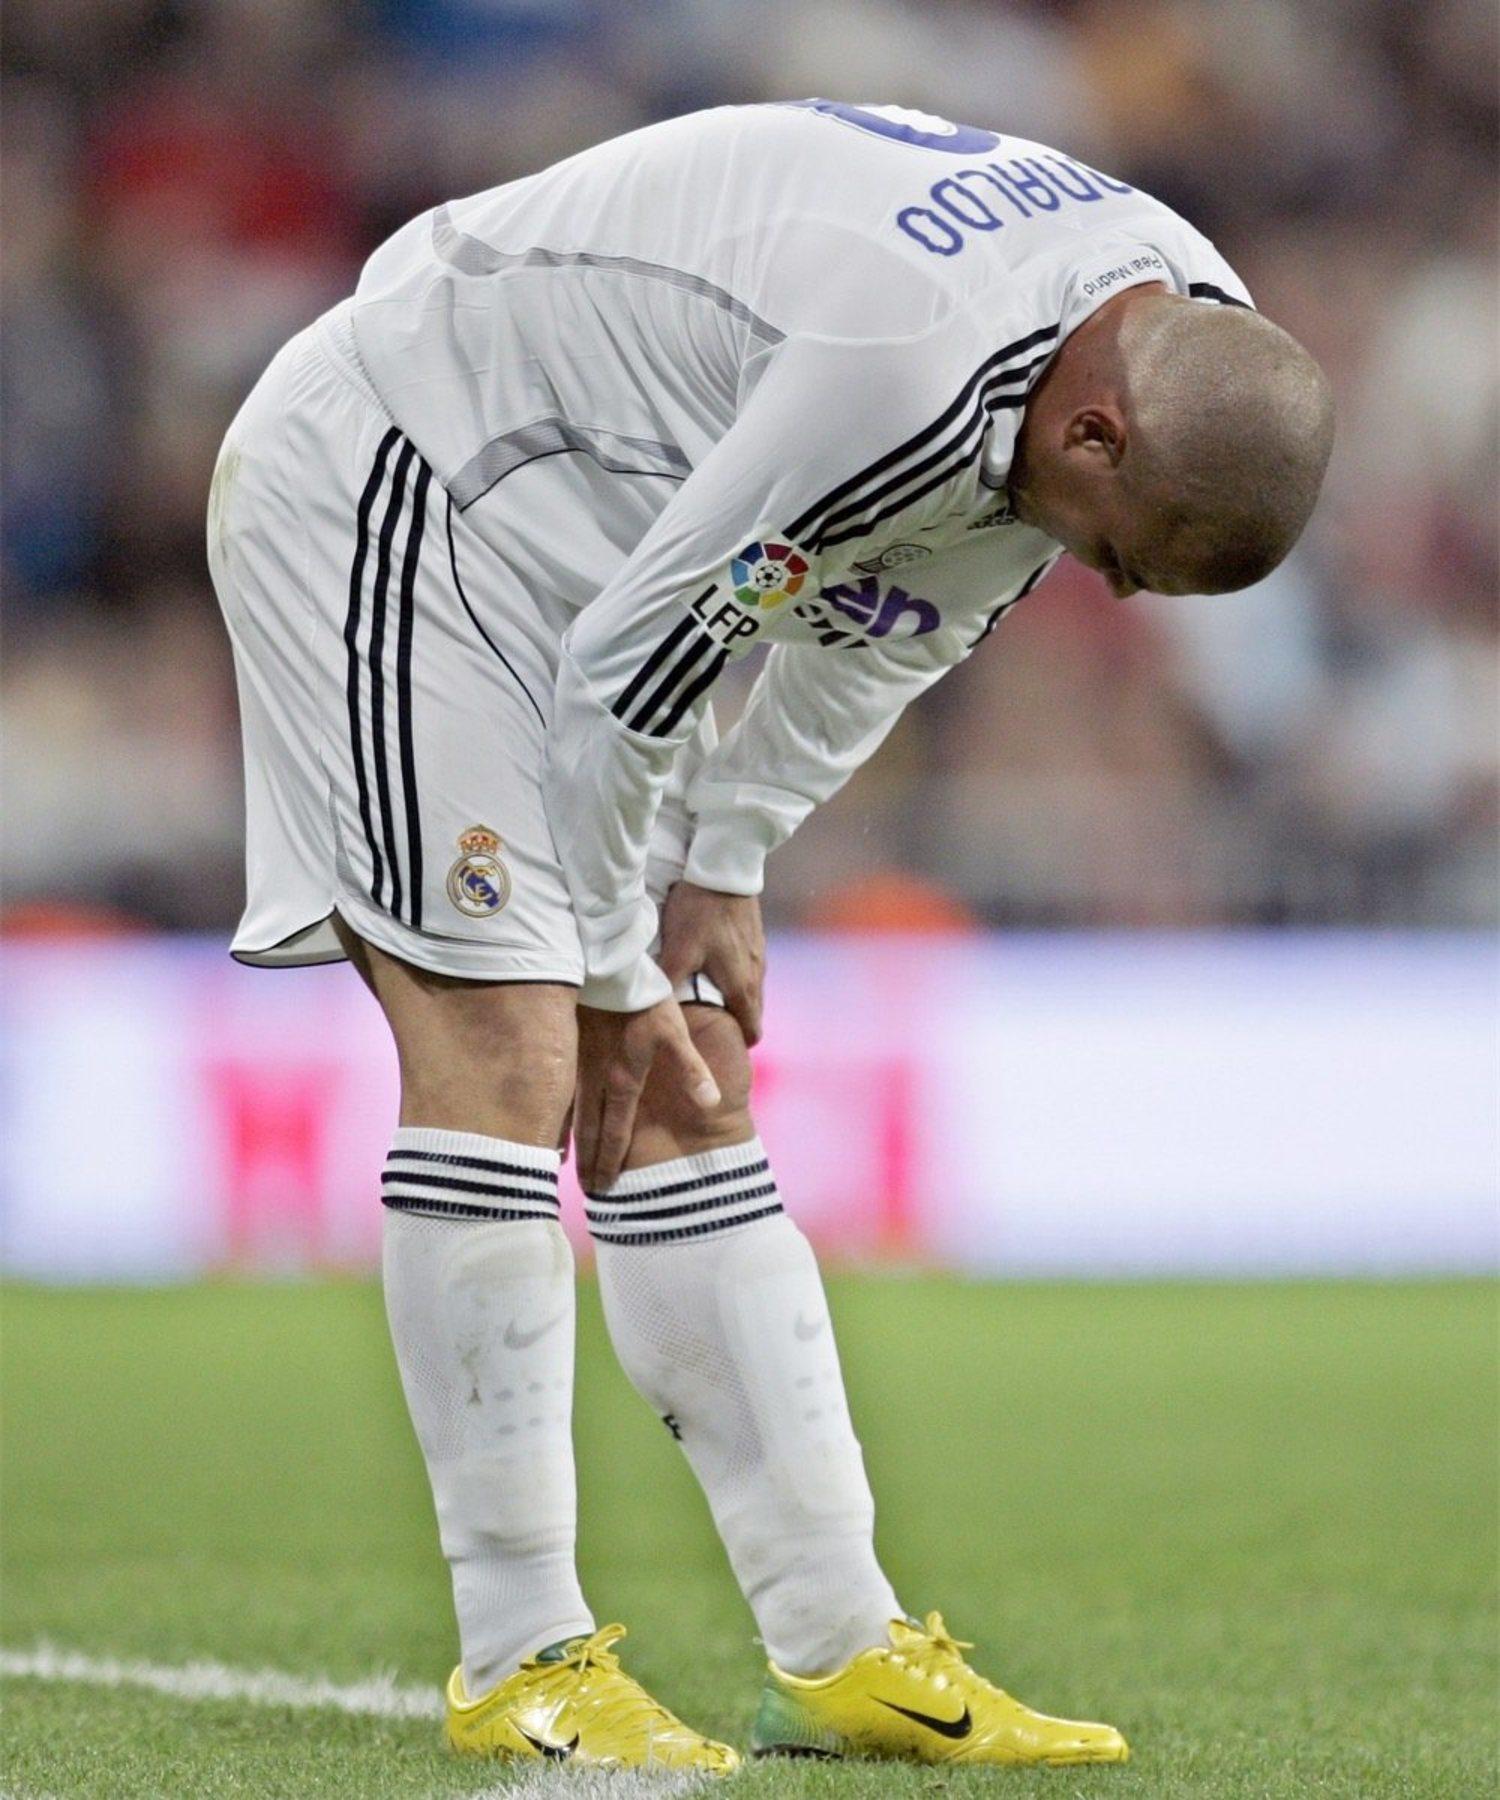 El mundo no pudo ver el pleno potencial de Ronaldo por esta dolencia